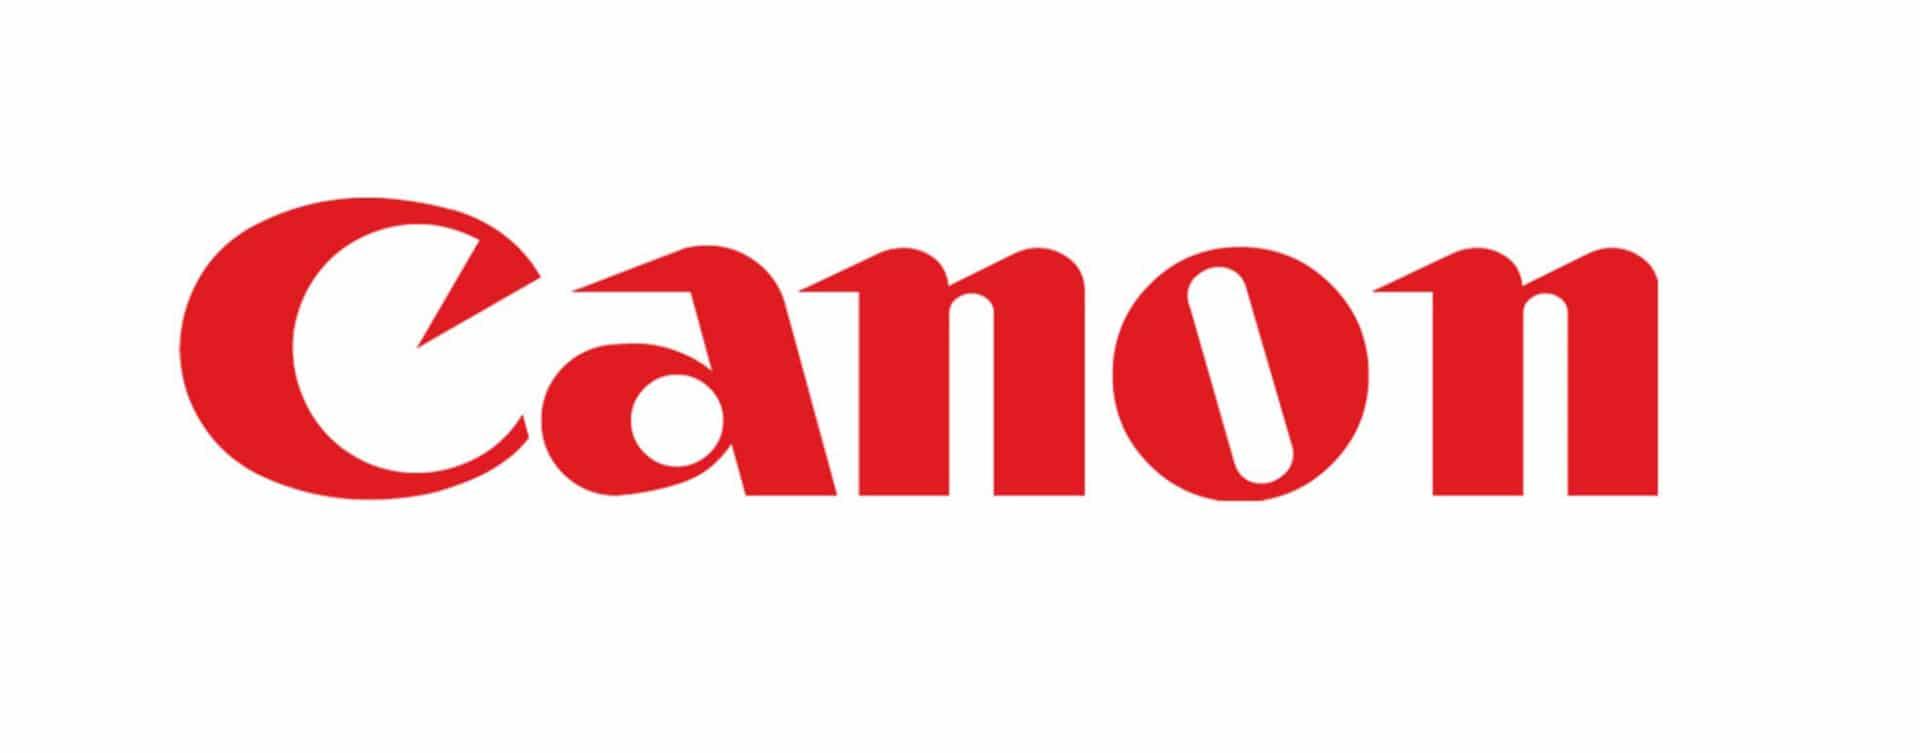 Produkte wie Drucker, Kopierer oder Kameras werden von Canon angeboten